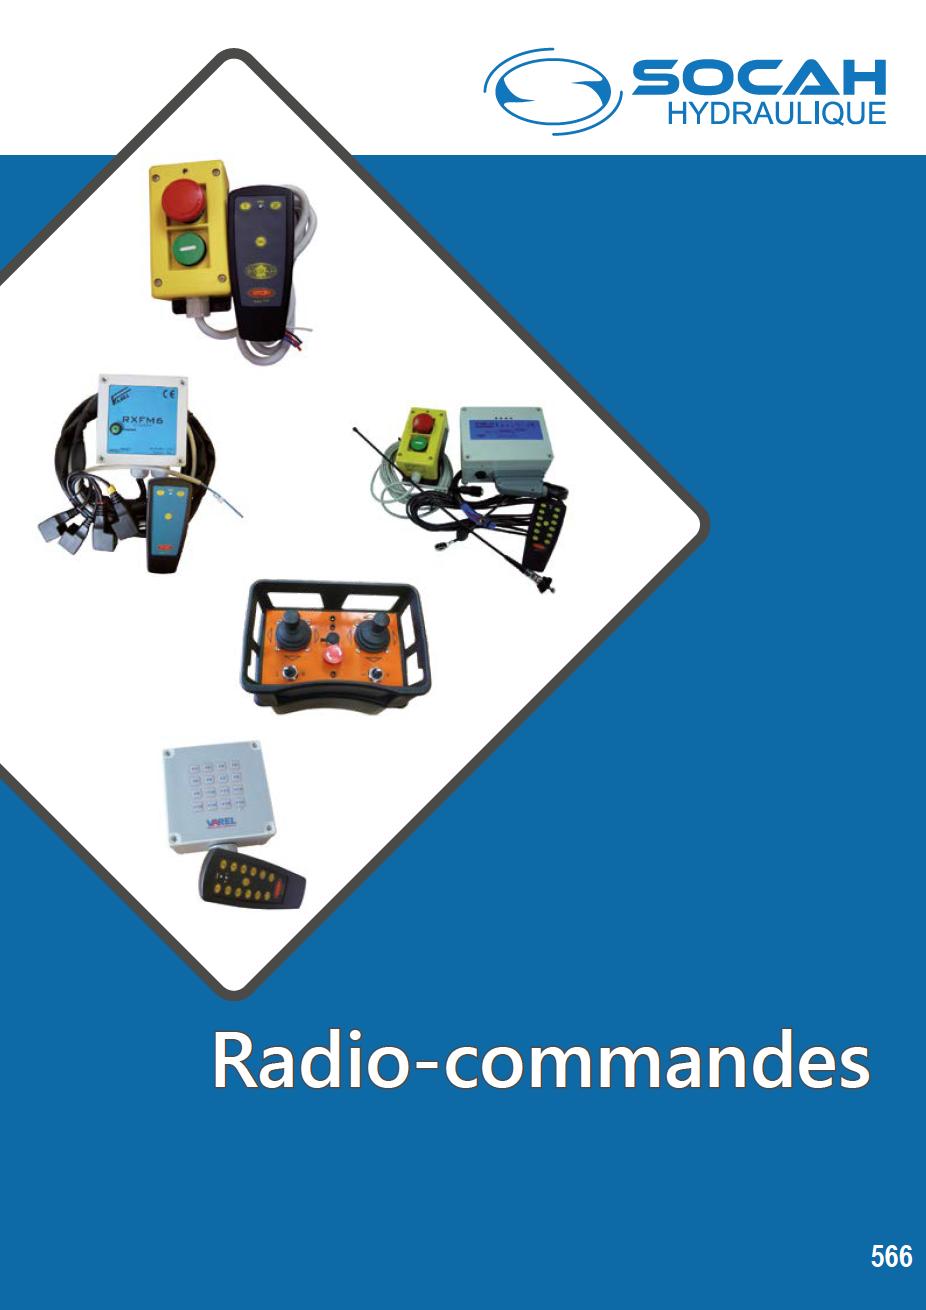 Fiche technique radio-commandes